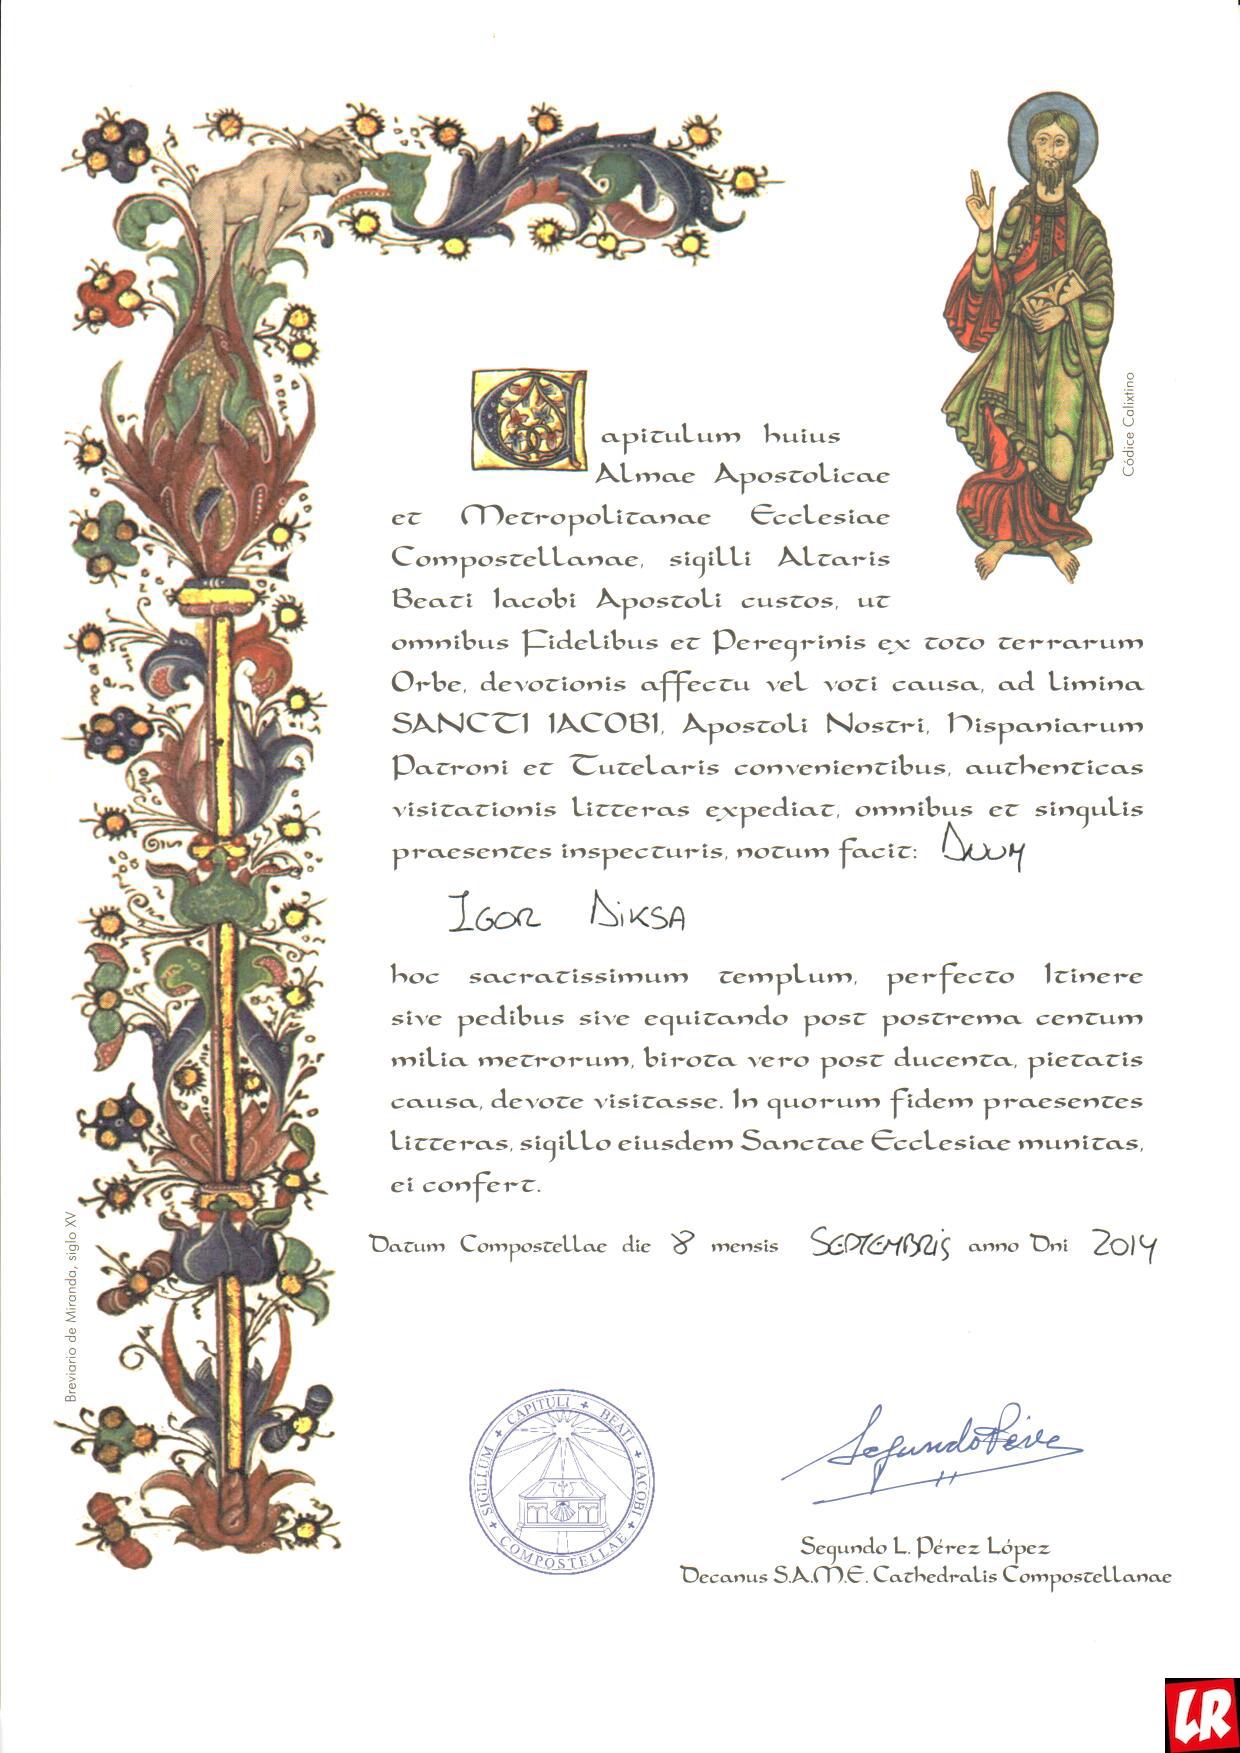 путь Камино, Камино де Сантьяго, паспорт паломника — Credencial